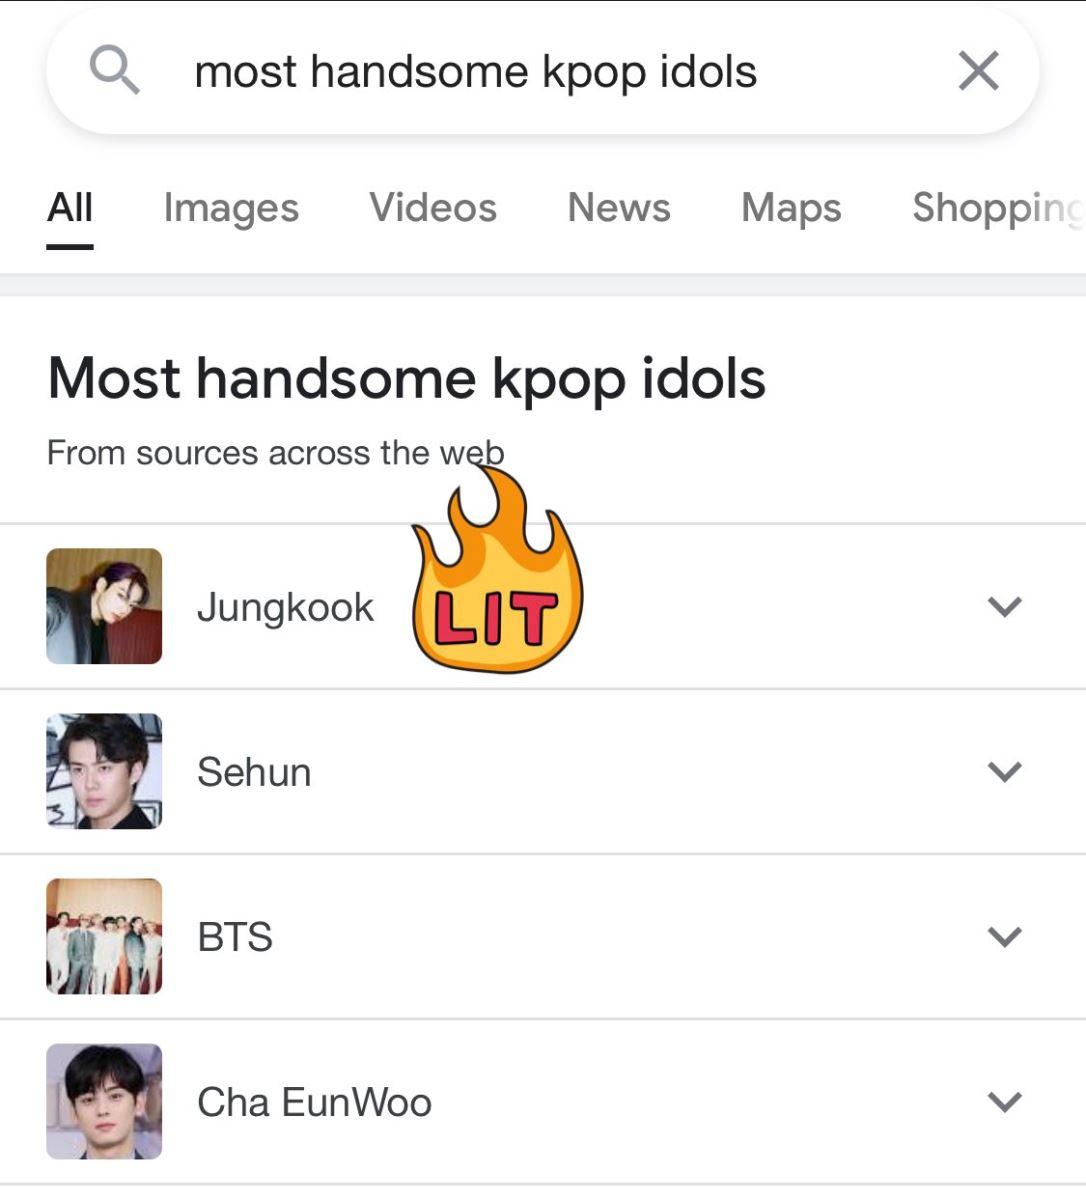 BTS, Jungkook, BTS Jungkook, Jungkook google, Jungkook nổi tiếng nhất, Jungkook đẹp trai nhất, ai là thần tượng kpop nổi tiếng nhất, ai là thần tượng kpop đẹp trai nhất